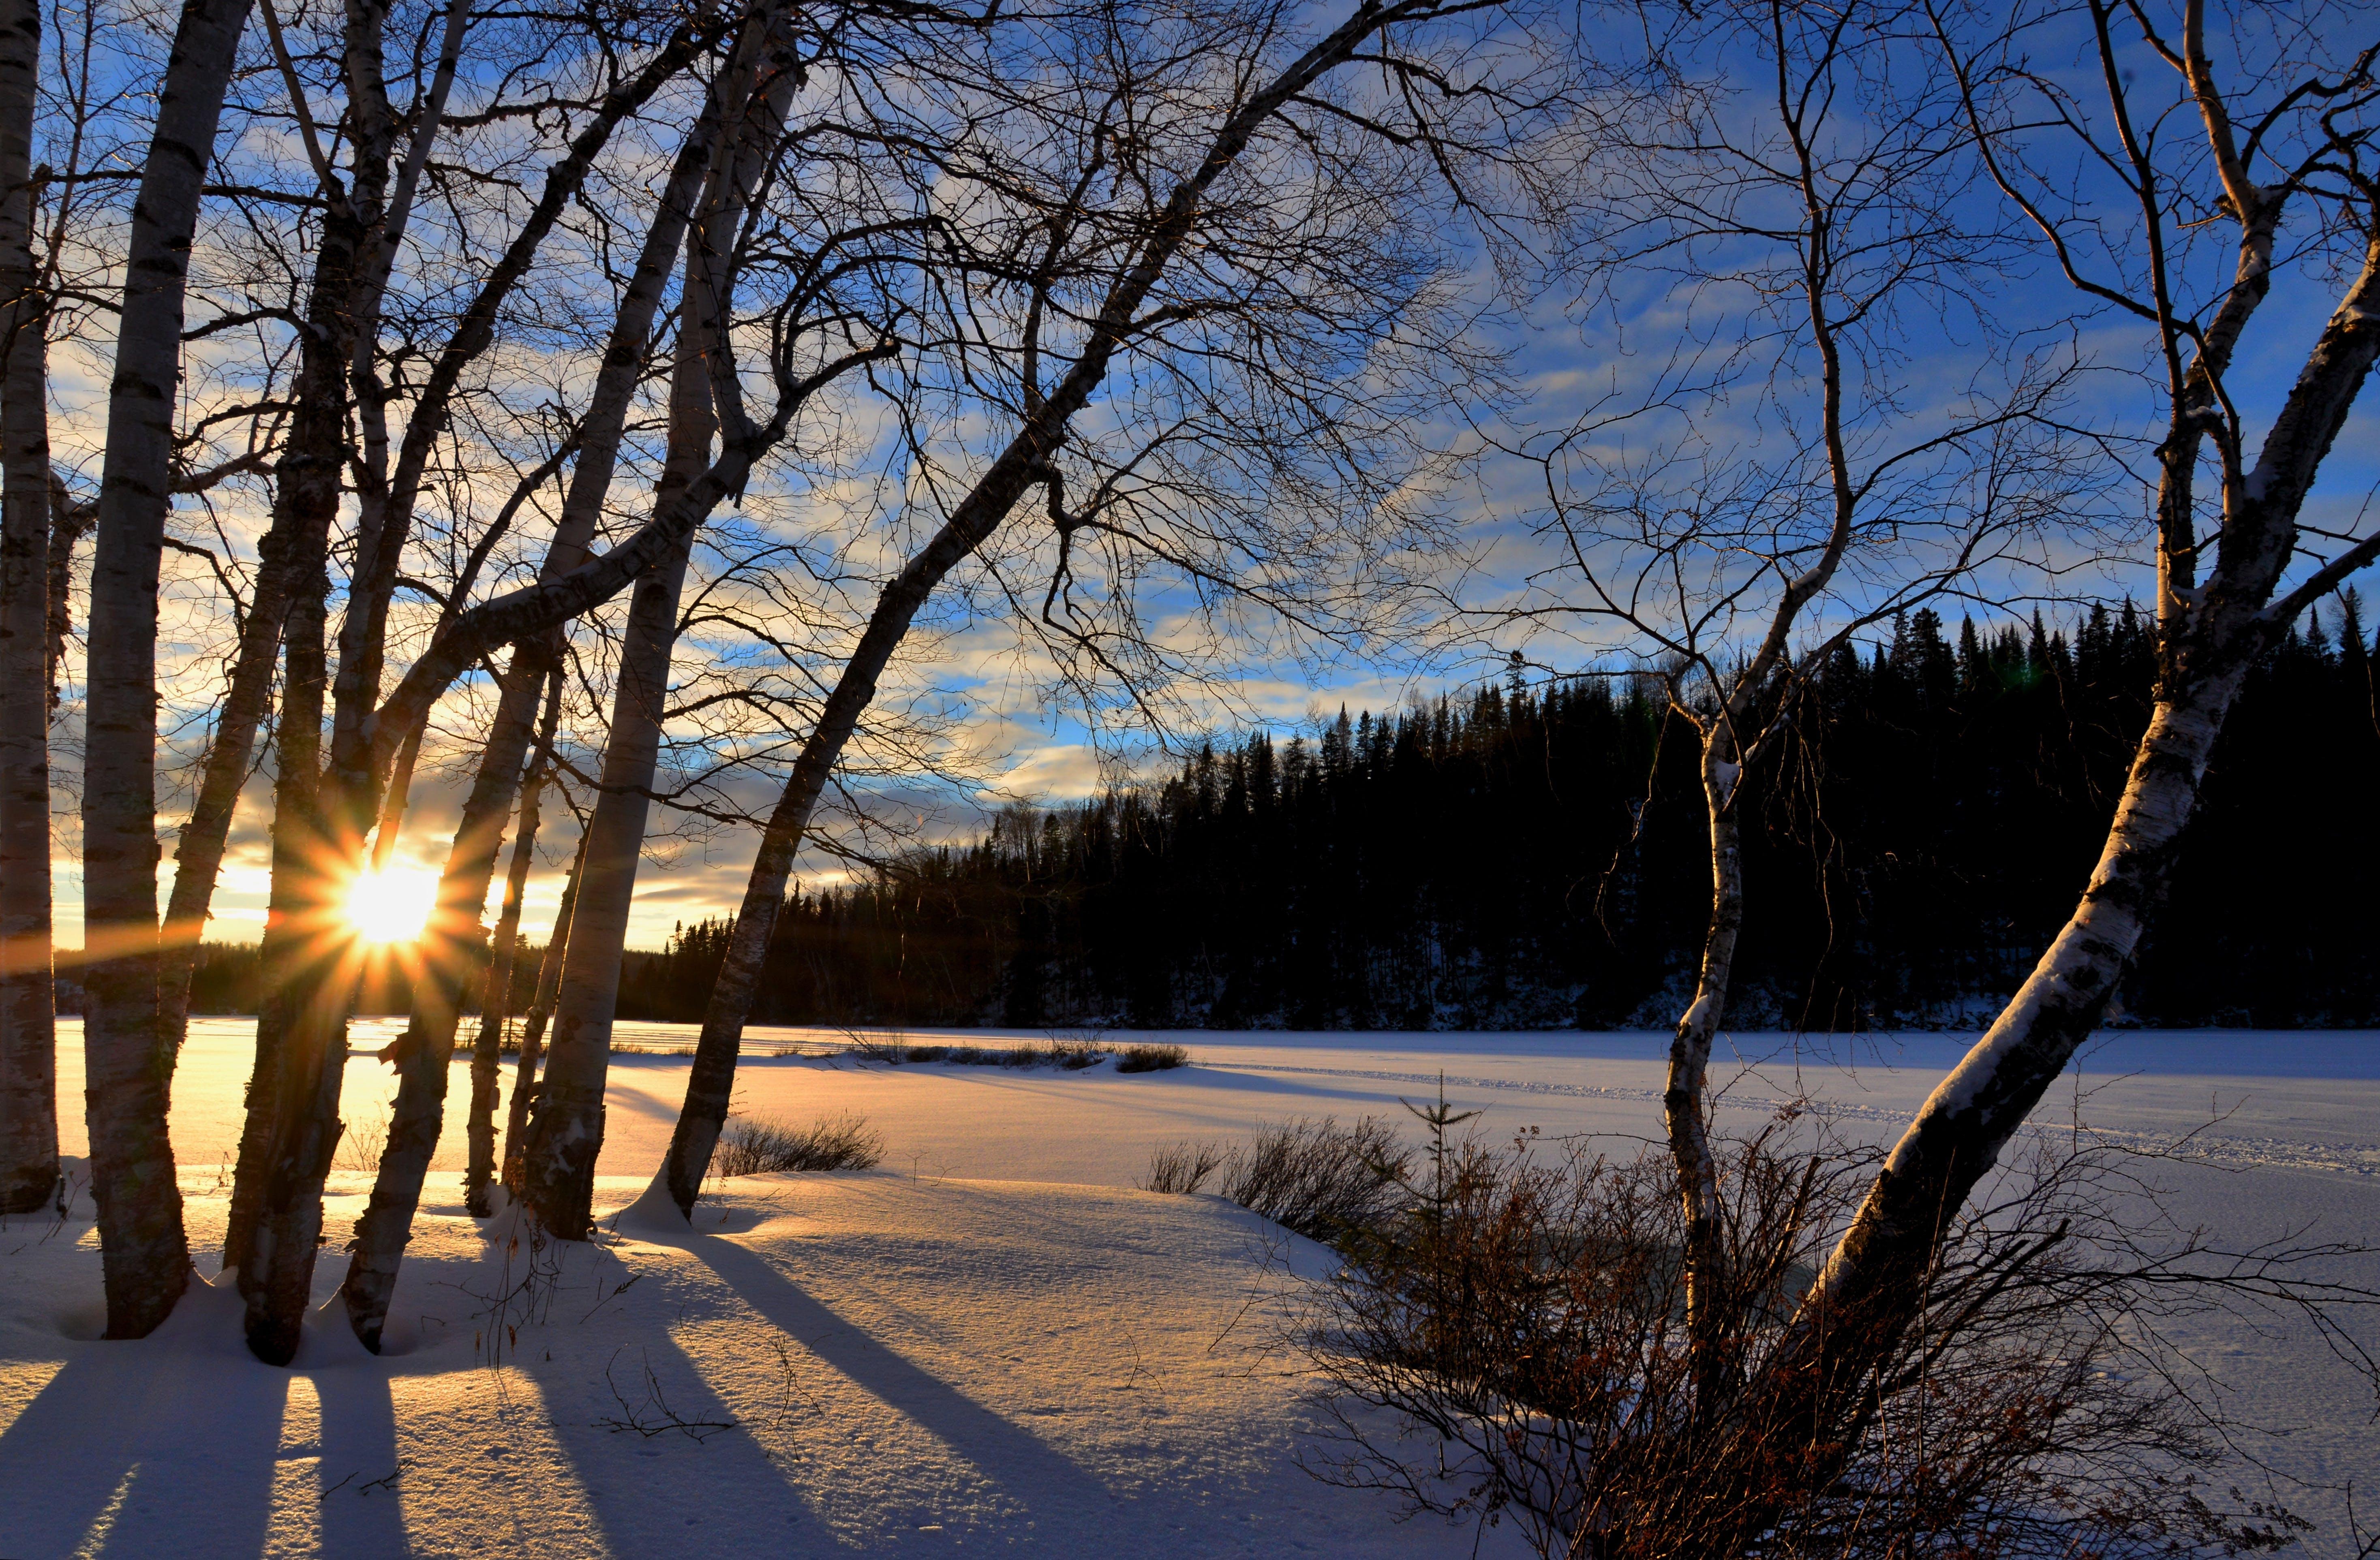 光, 公園, 冬季, 冬季景觀 的 免费素材照片